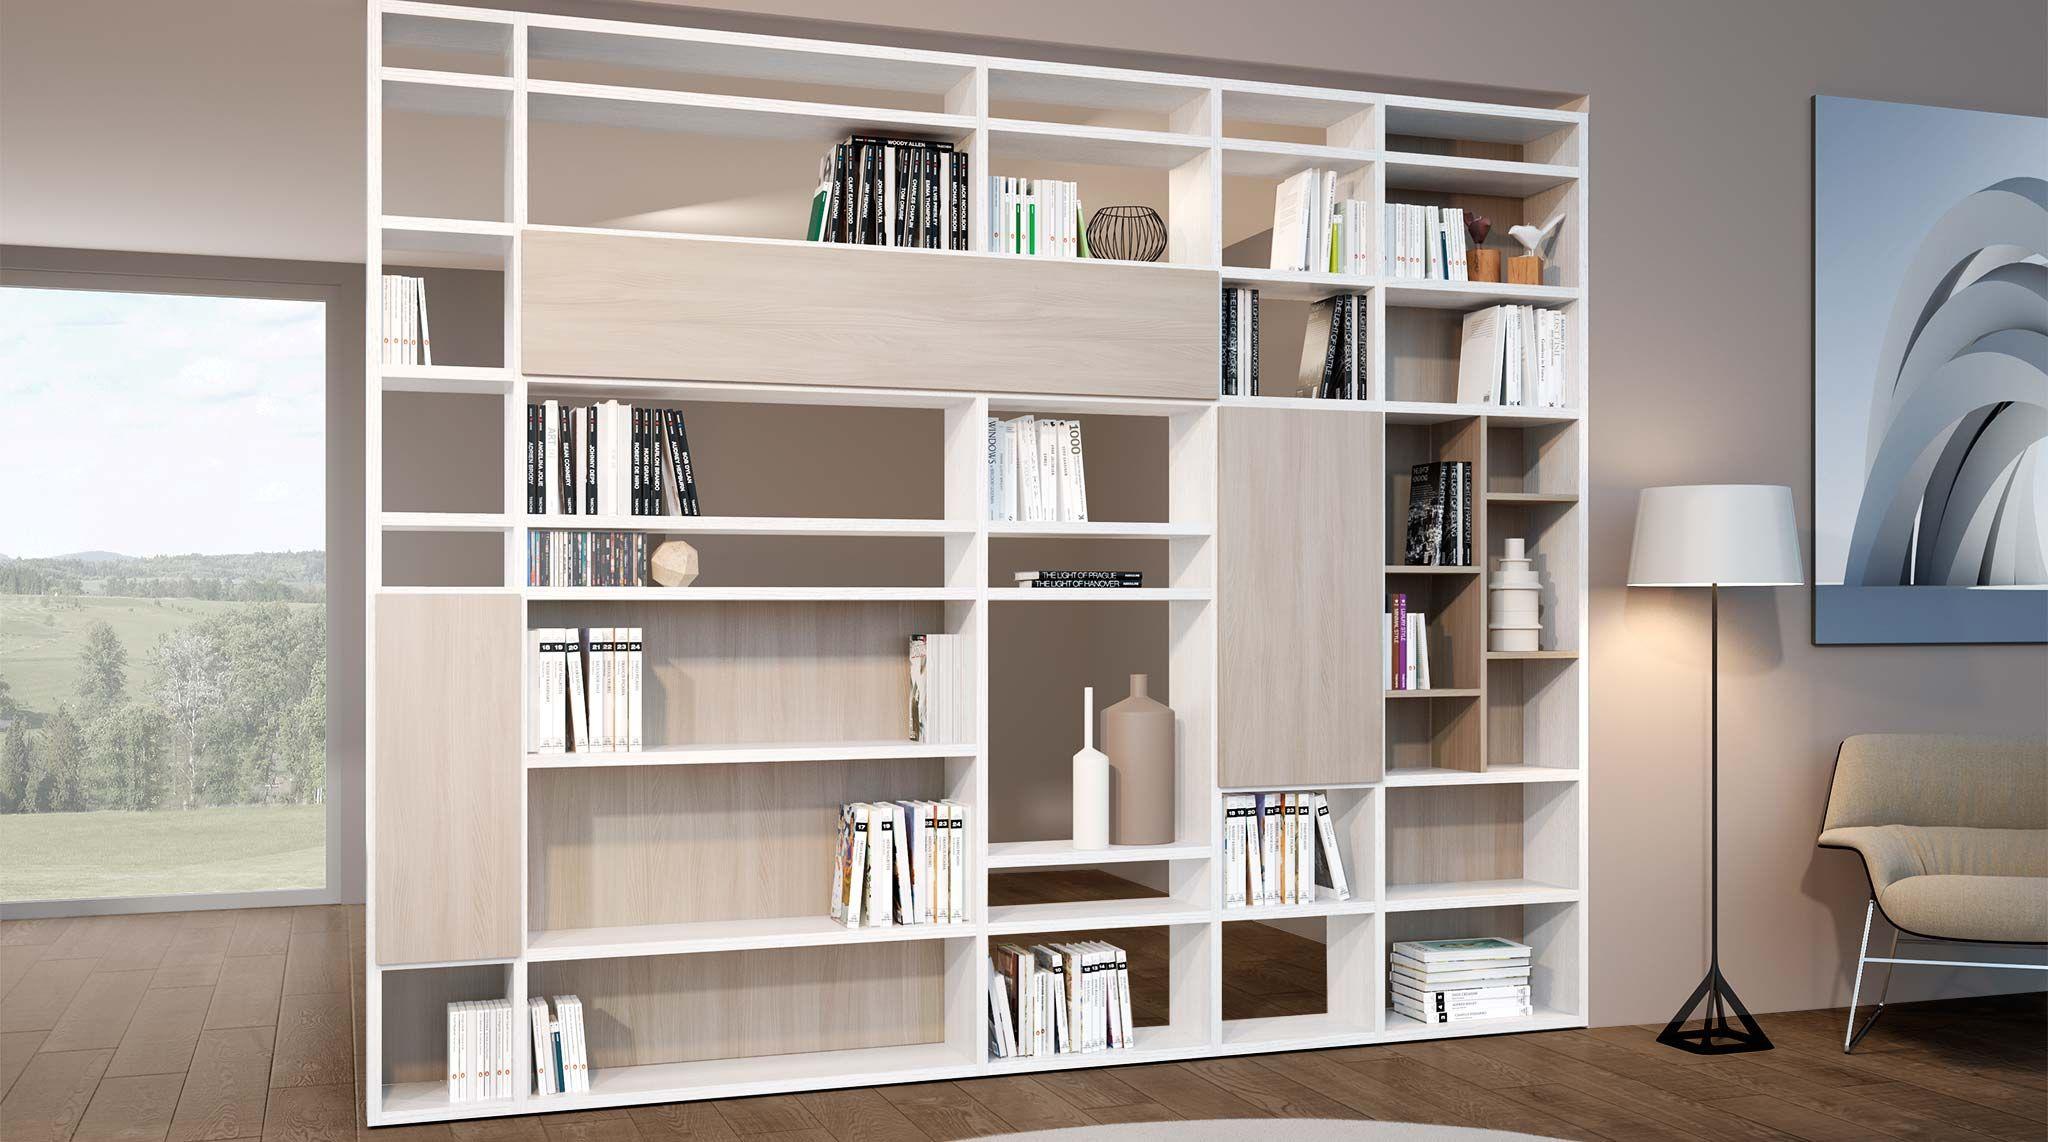 Libreria bifacciale componibile systema b sololibrerie for Libreria angolare componibile